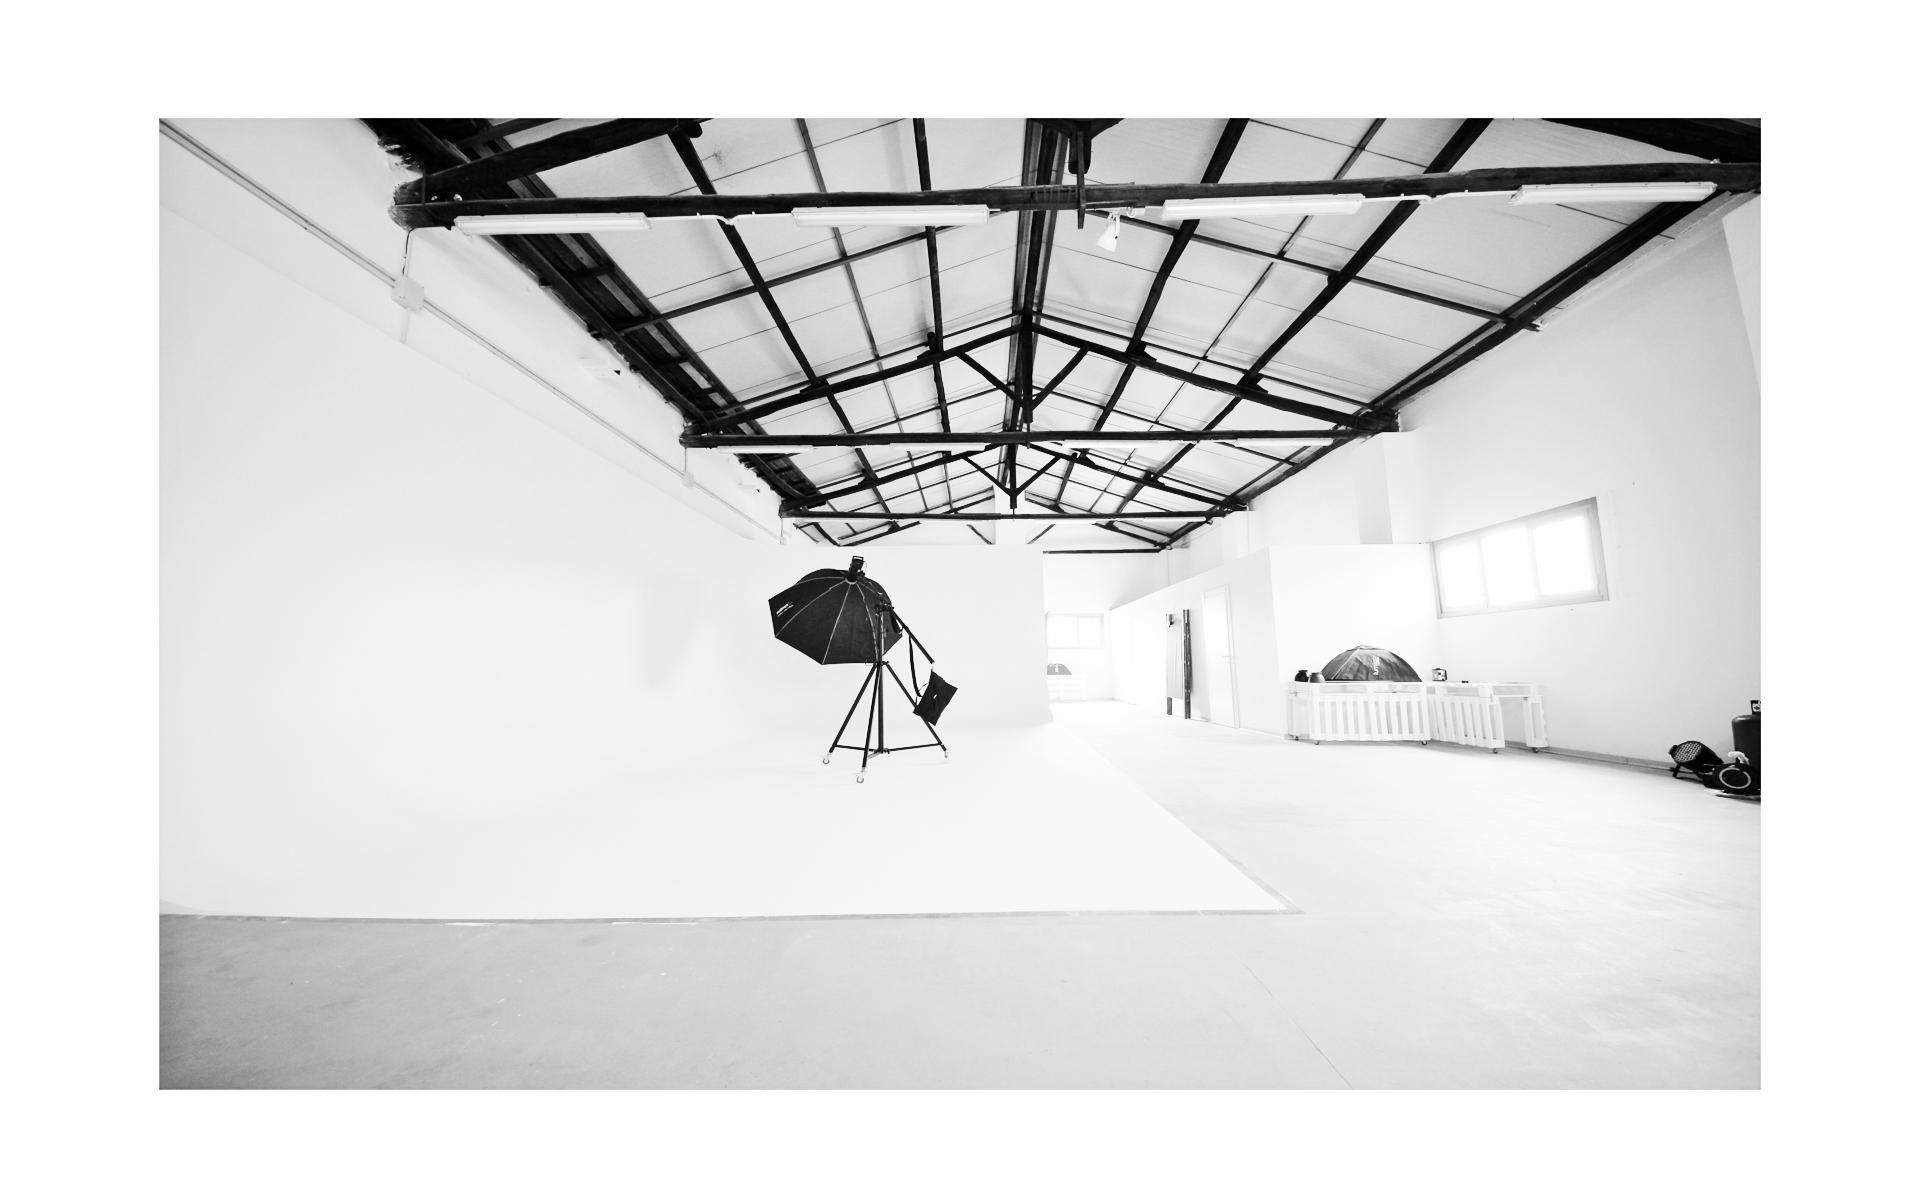 studio fotografico roma sala posa limbo